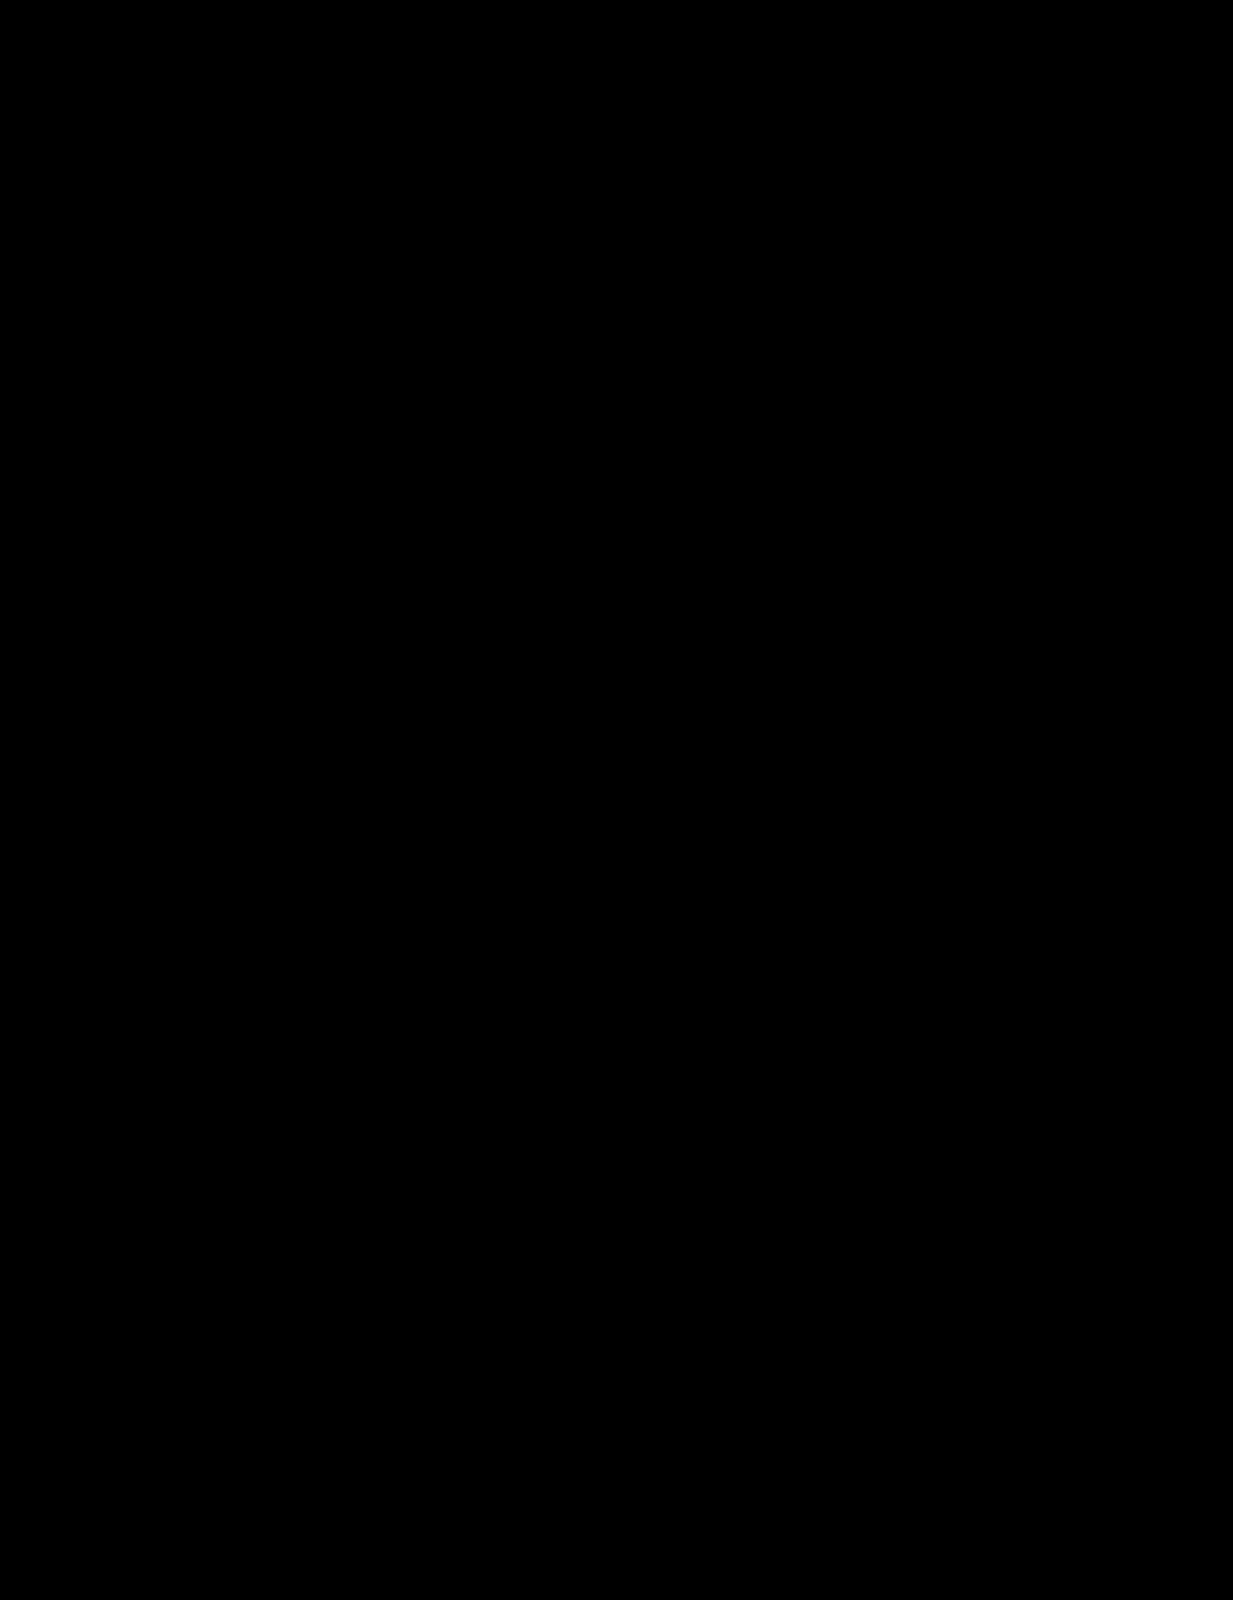 1.png (1233×1600) Bingkai, Bingkai foto, Bunga